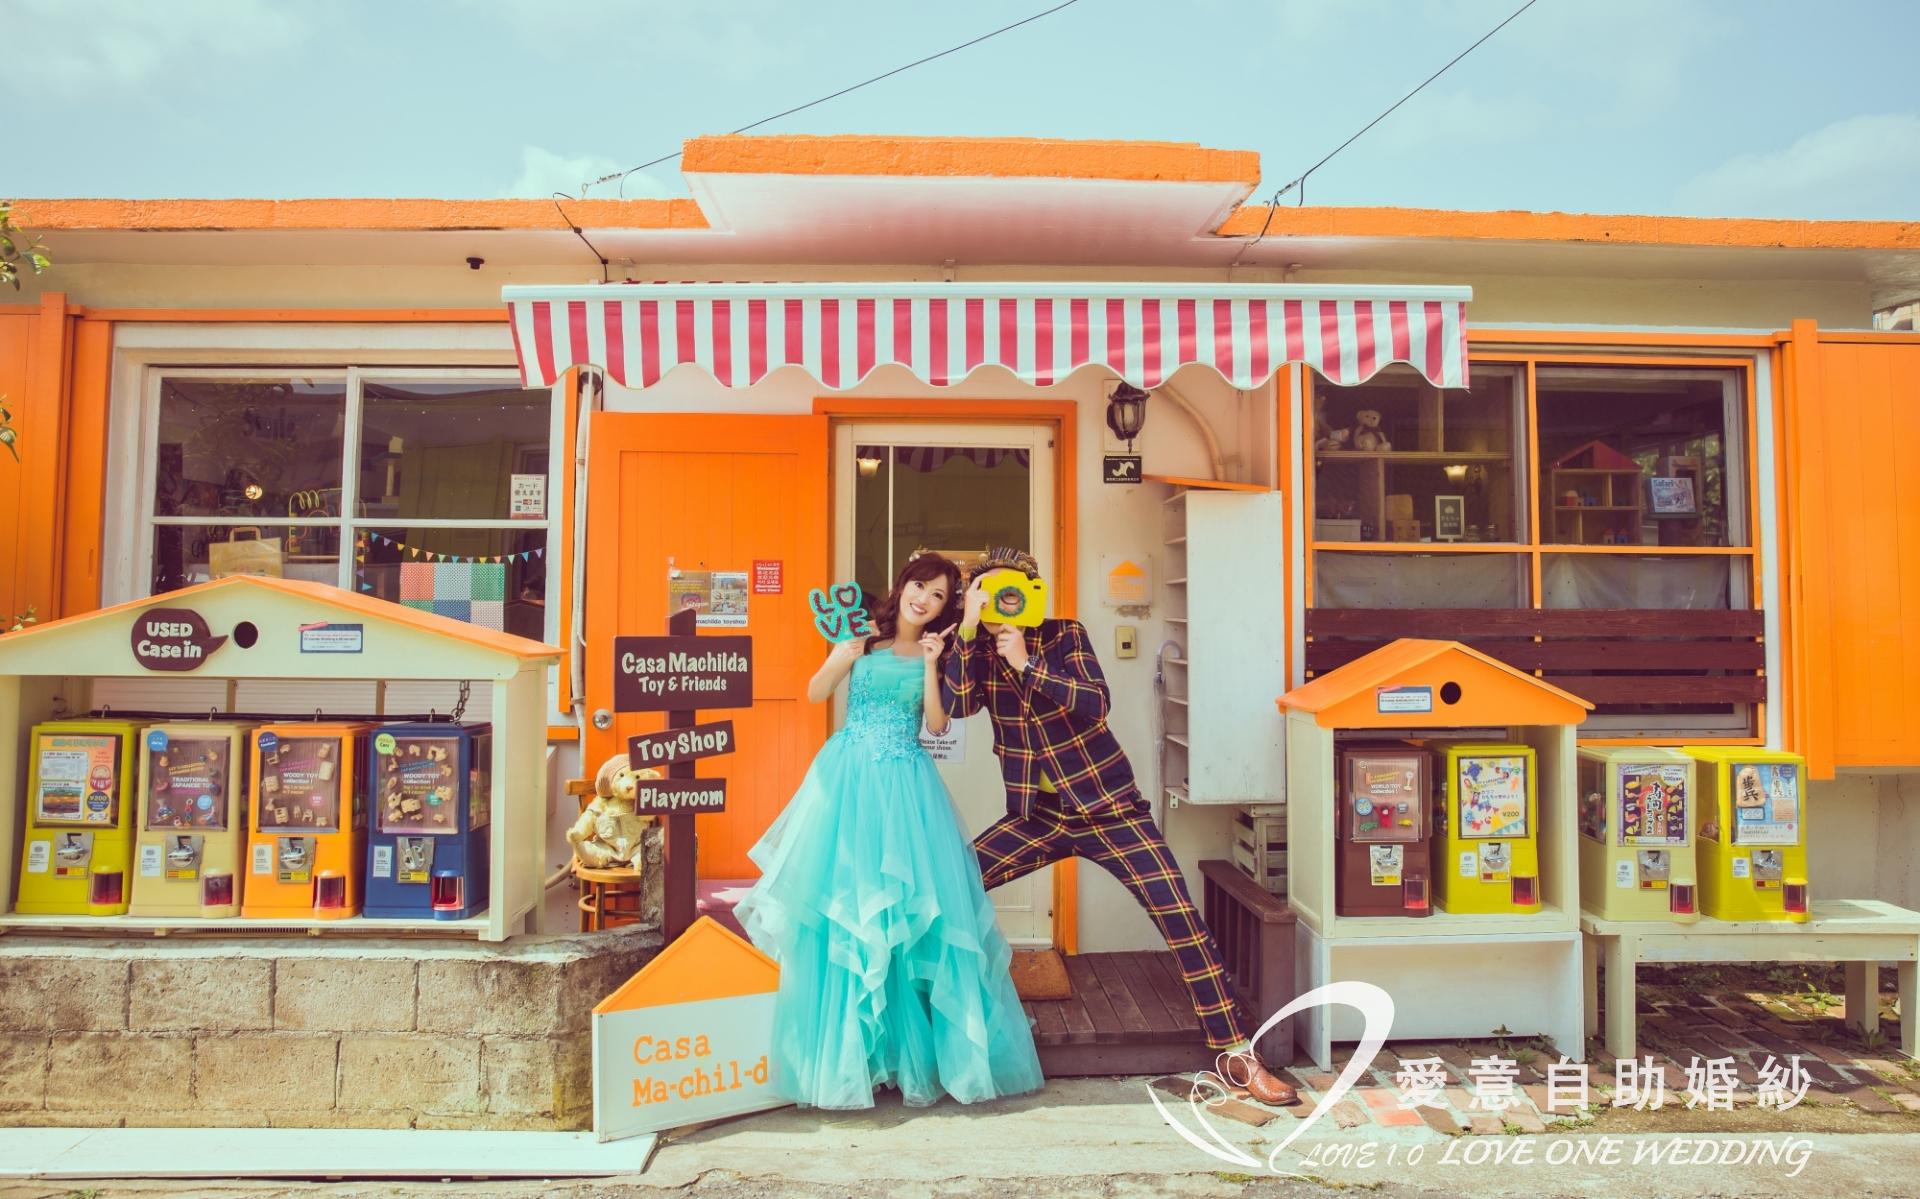 沖繩婚紗照愛意婚紗推薦3